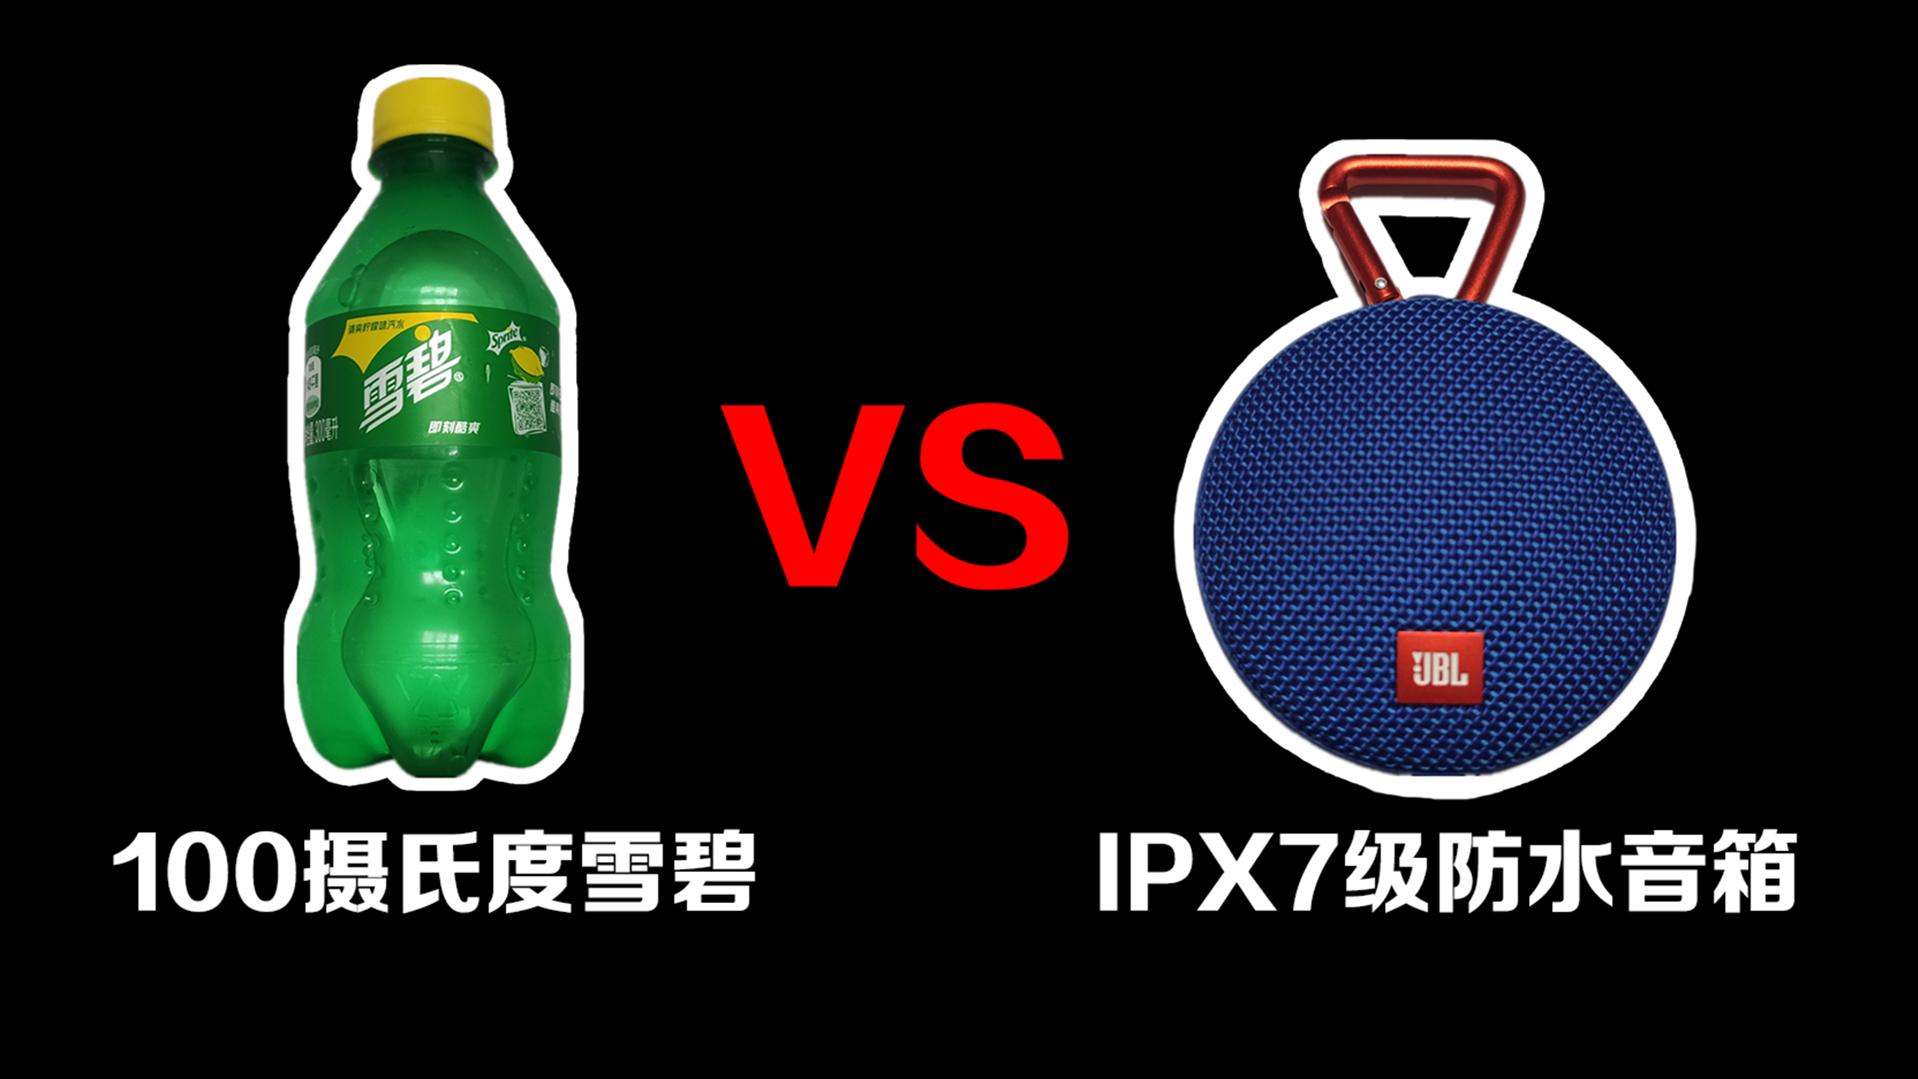 【危险实验】防水音箱可以承受住100摄氏度的高温碳酸液体么?JBL Clip2极限环境测试!